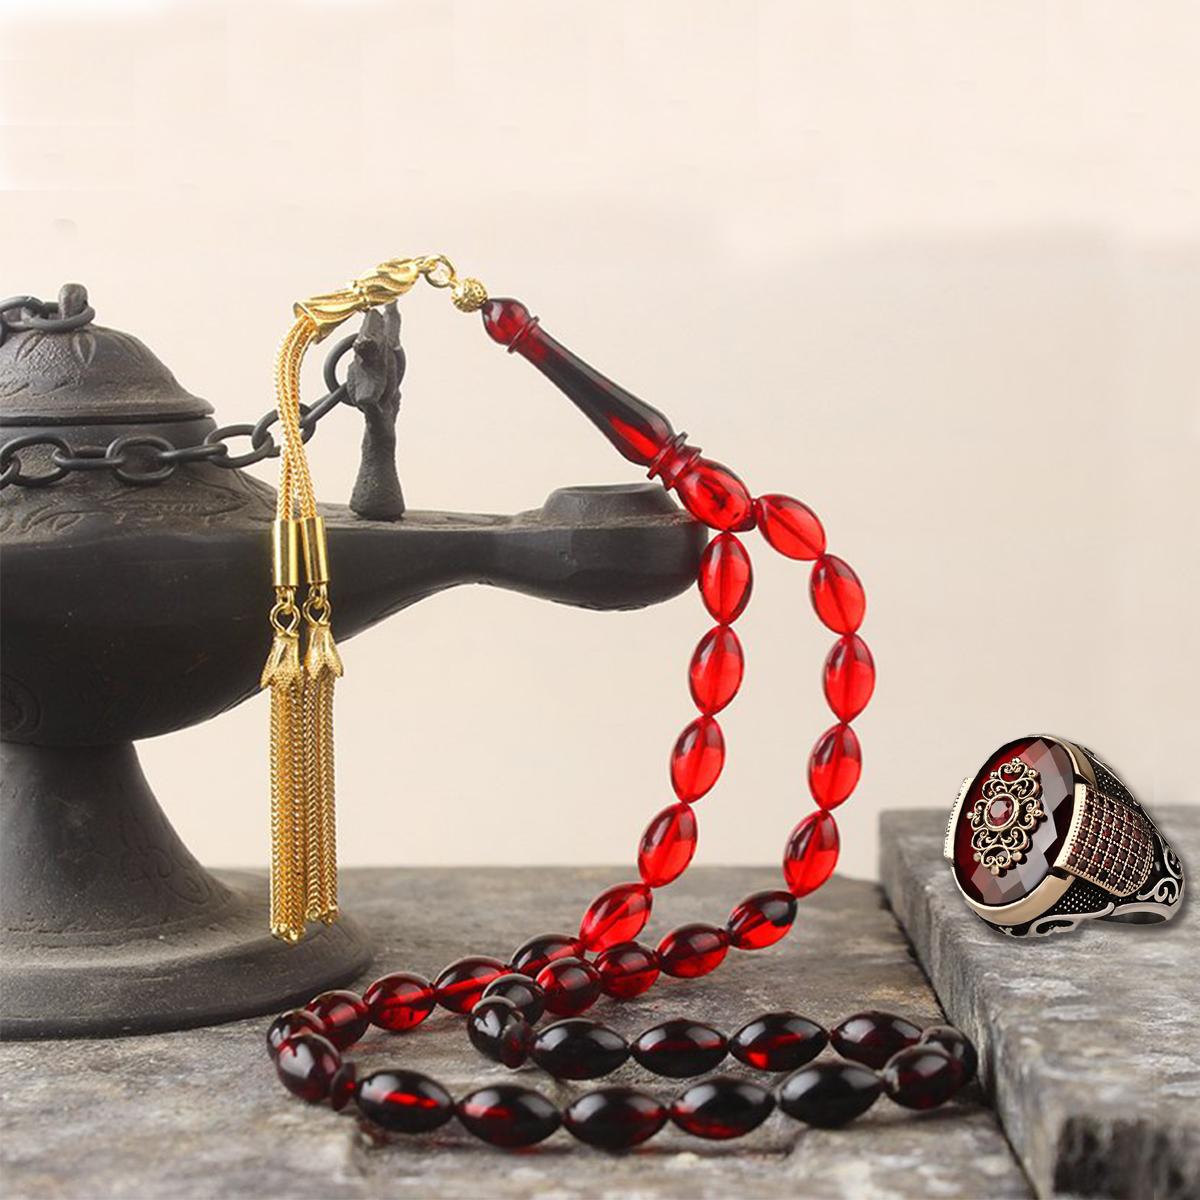 خاتم فضة عيار 925 مرصع بحجر الزيركون مع مسباح كركوشة فضة عيار 925 مطلية بالذهب بخرز الكهرمان الناري